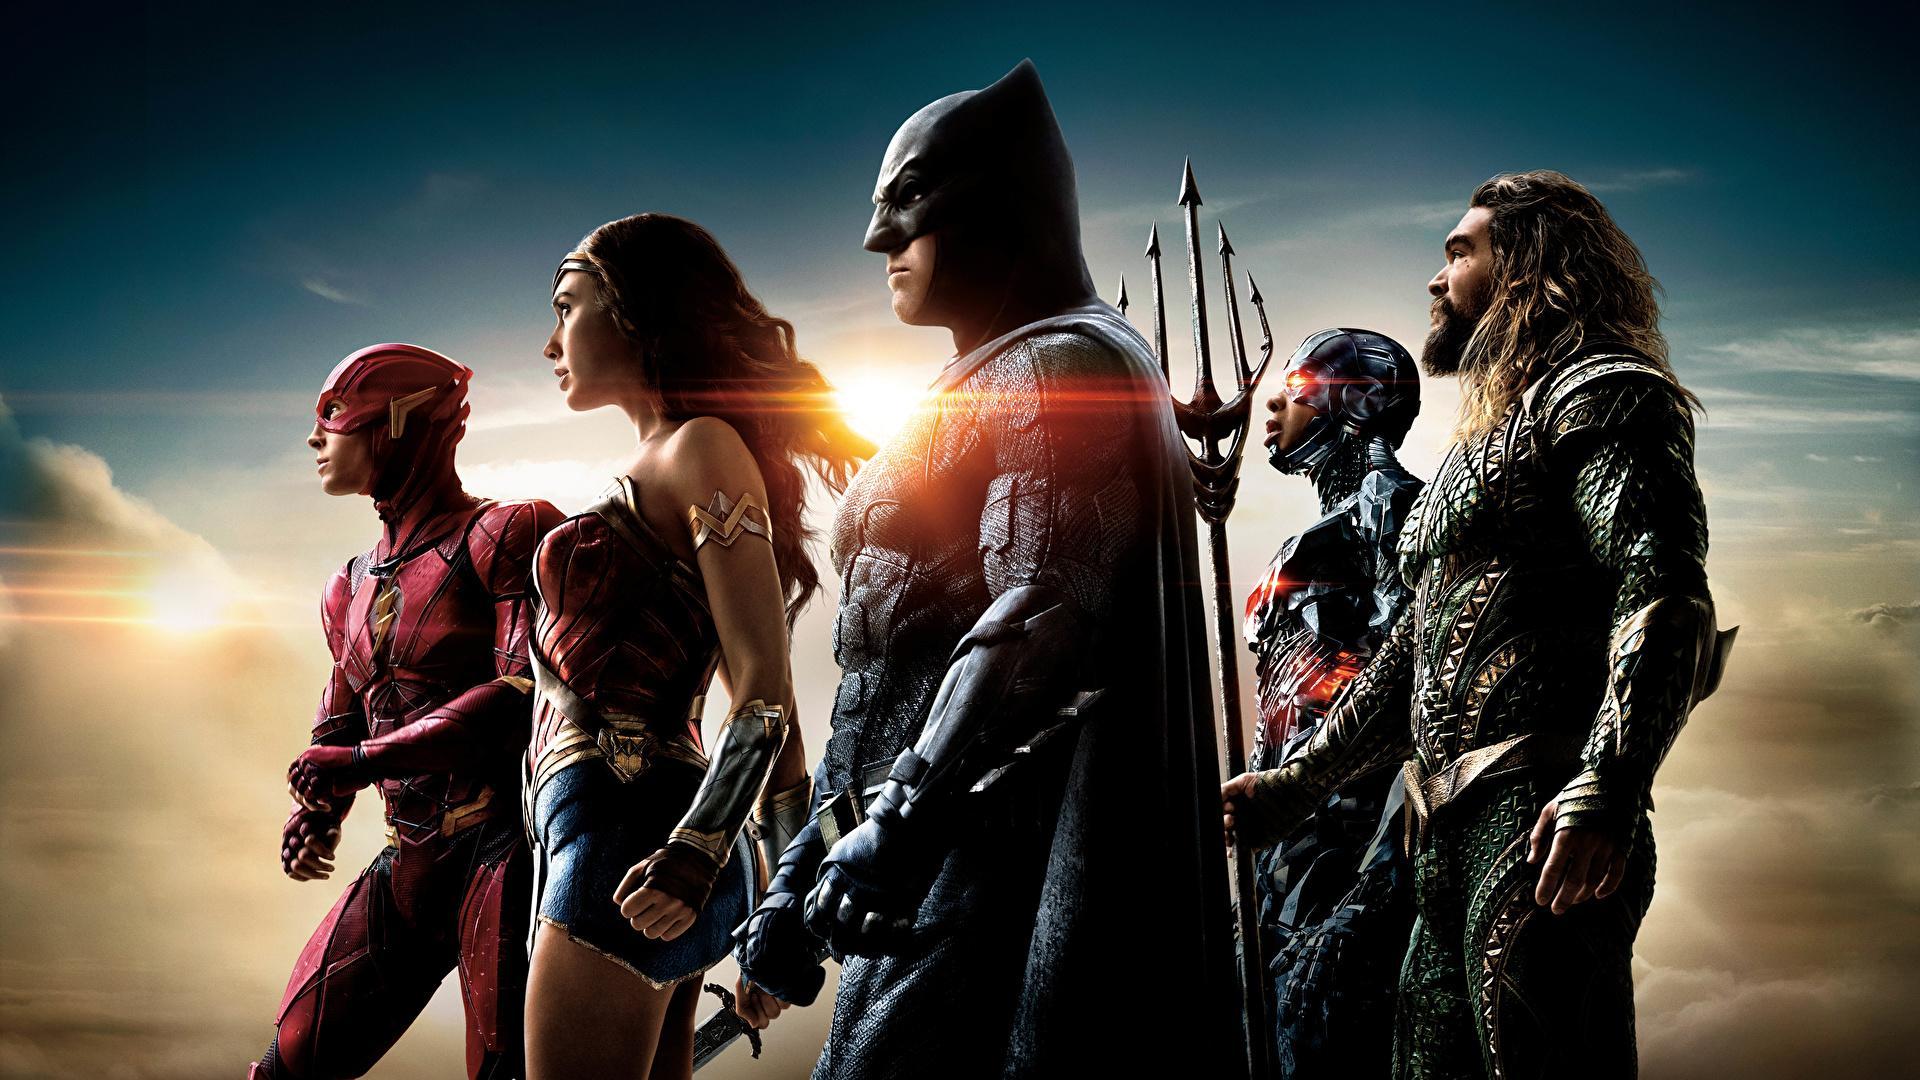 Официально: режиссерская версия «Лиги справедливости» выйдет в 2021 году